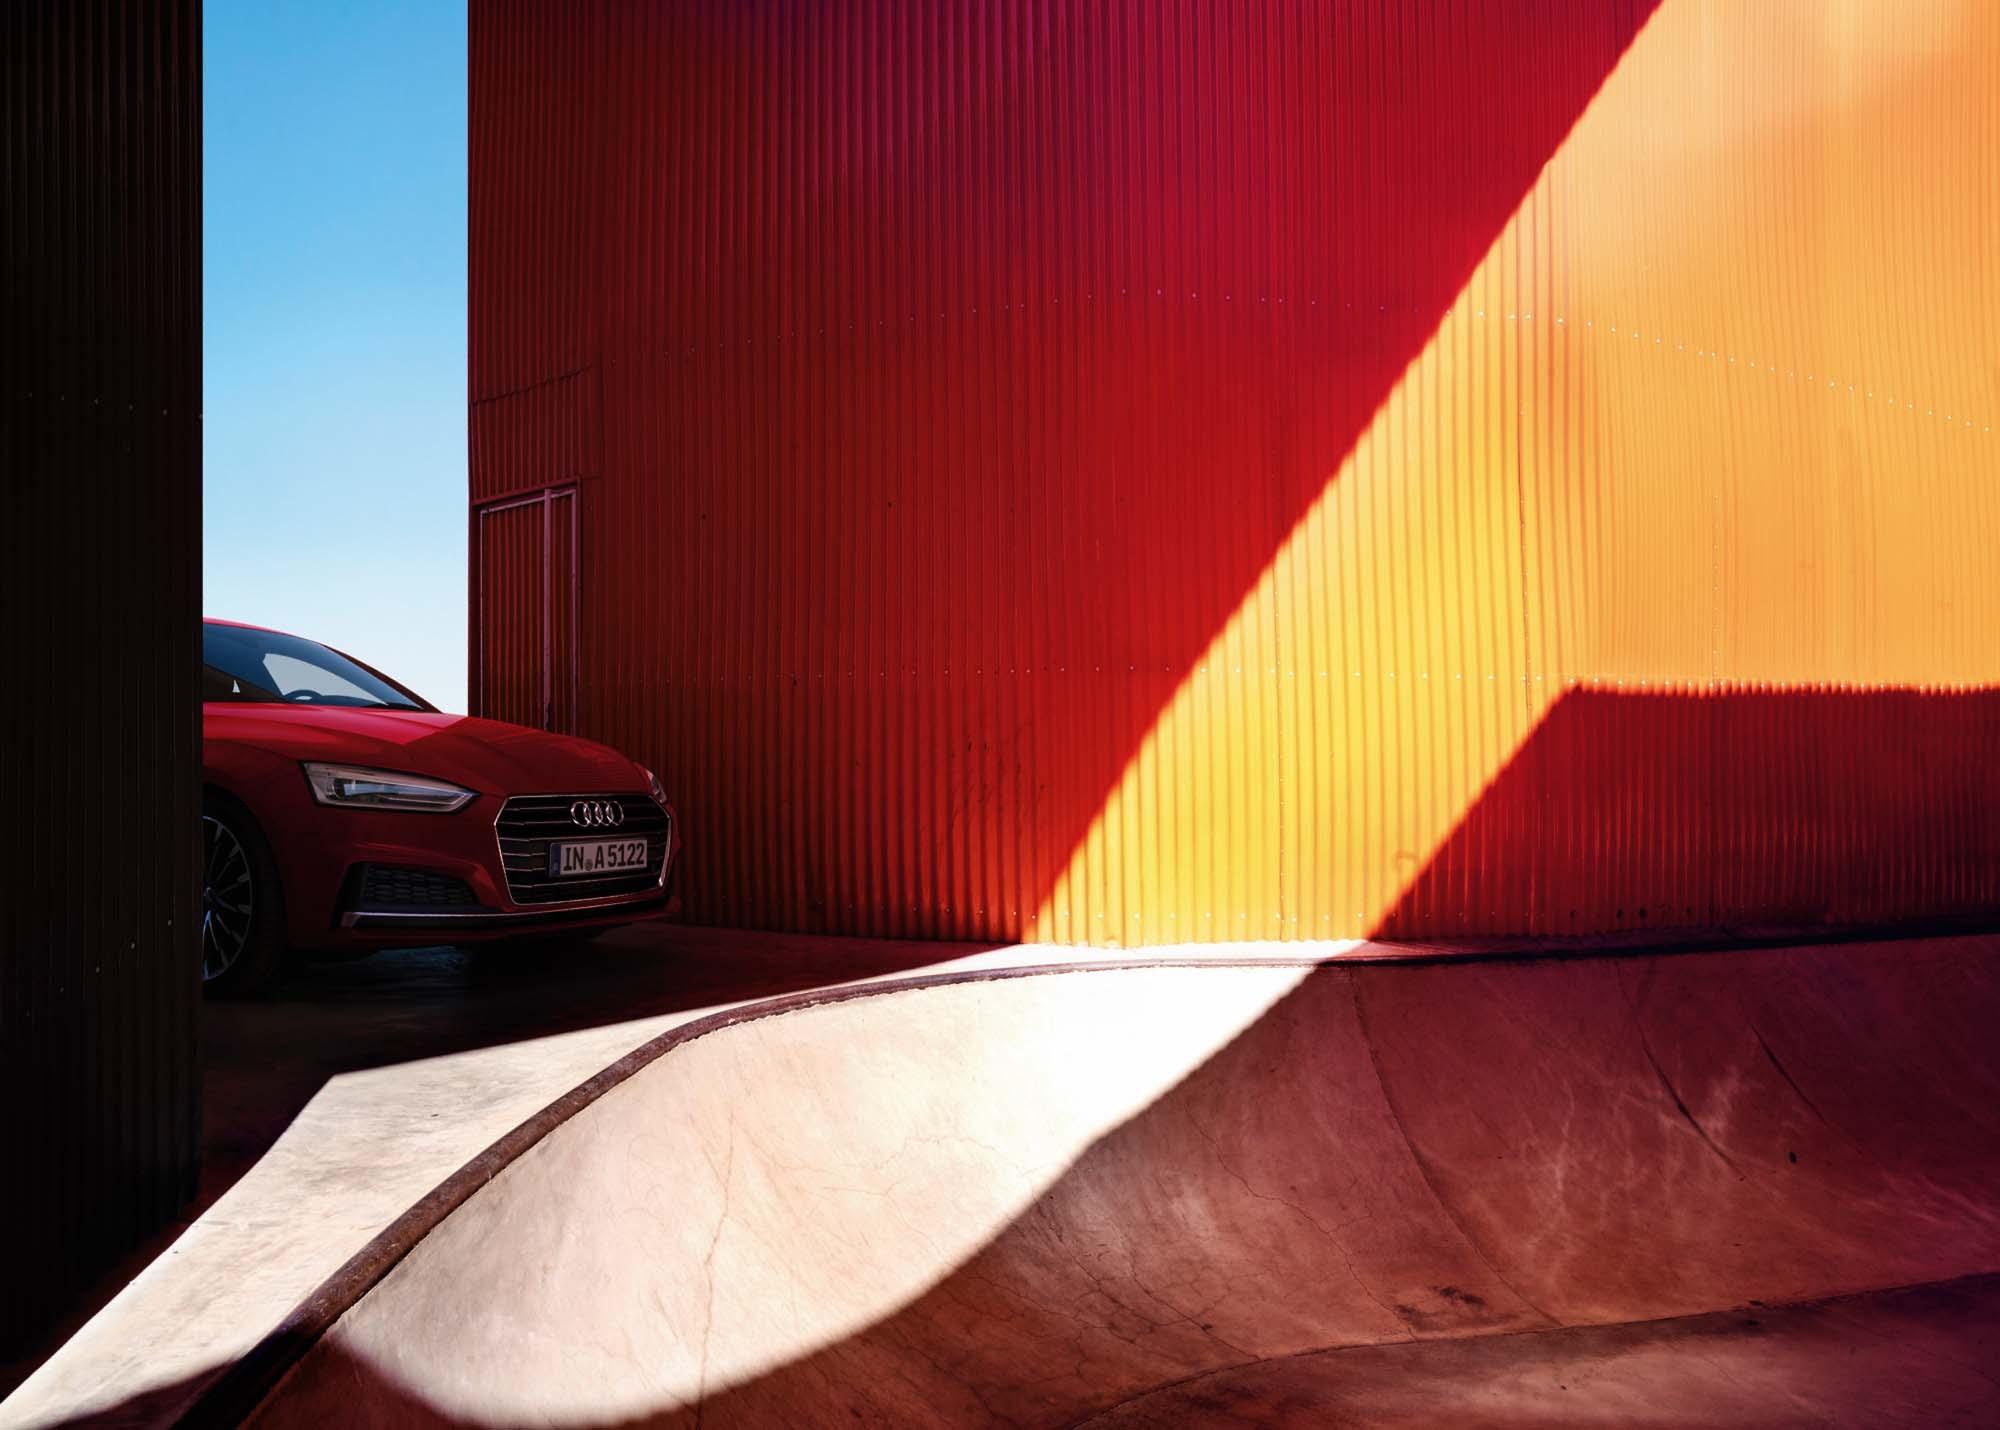 Audi Merida by Jan van Endert